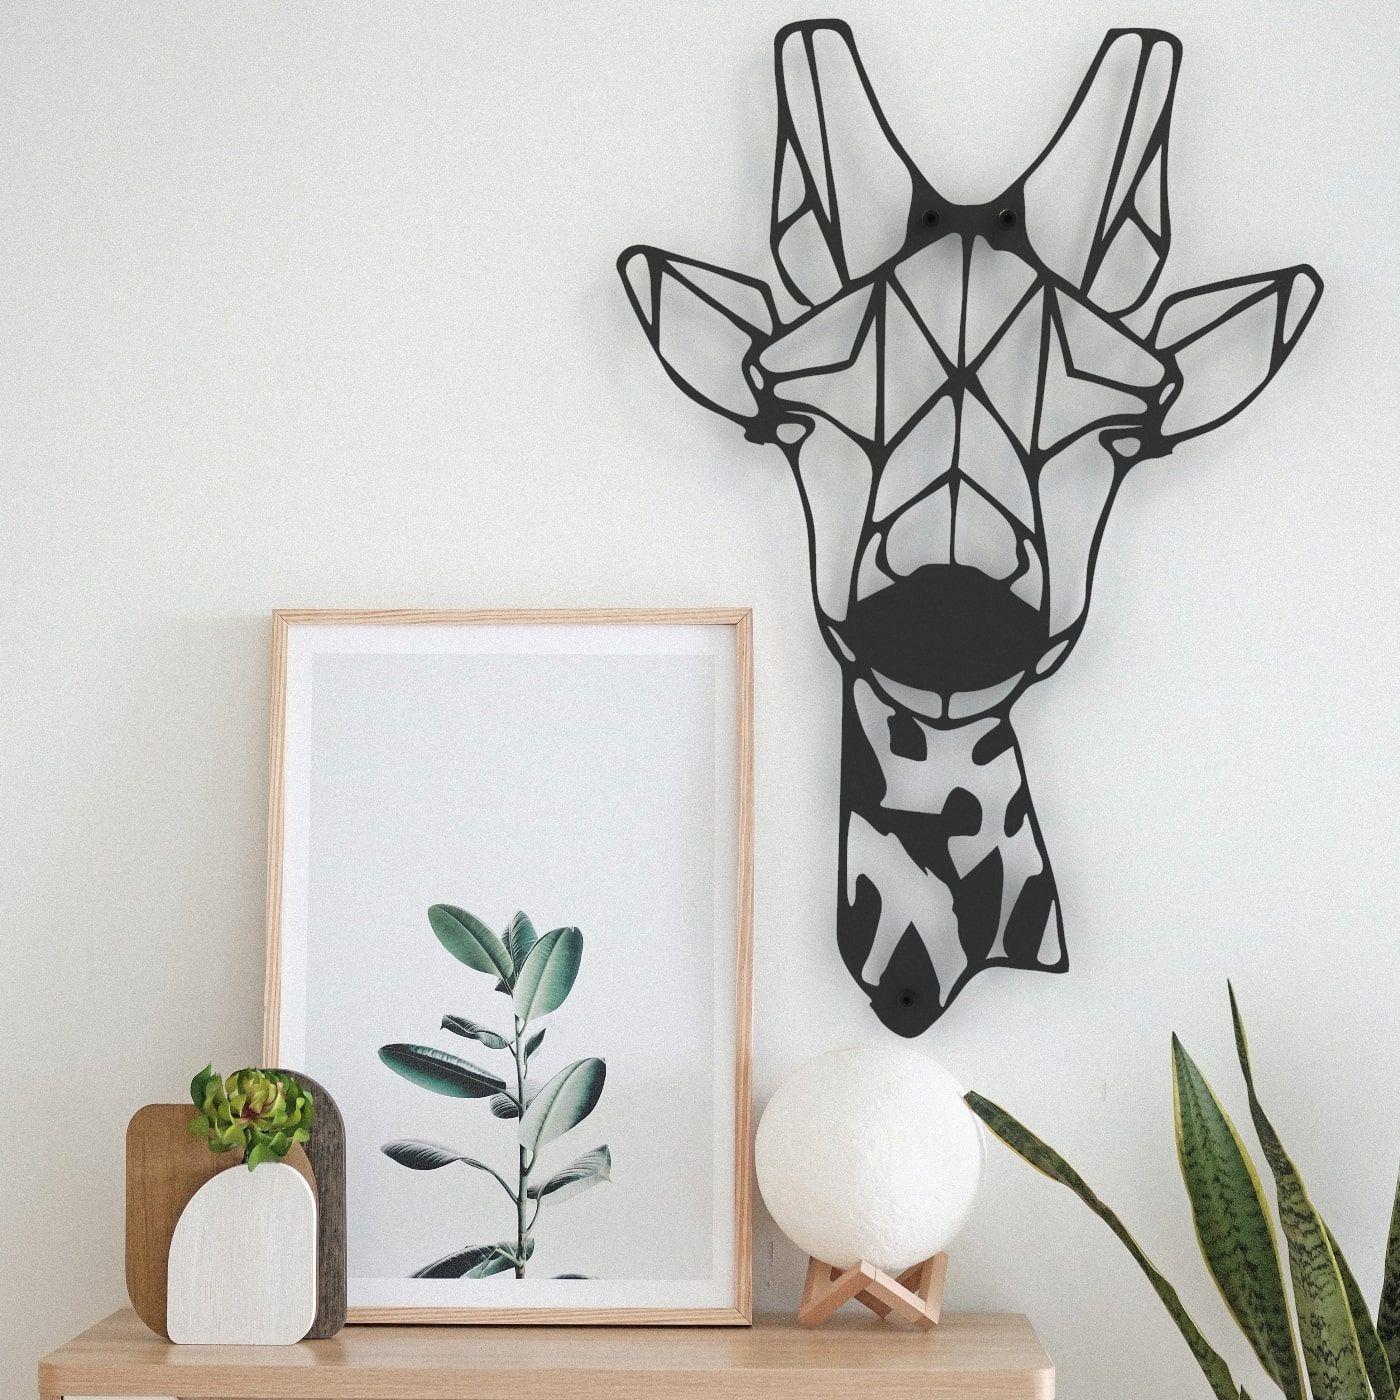 Stalen Wanddecoratie Giraf Industrieel Interieur Origineel Cadeau In 2021 Muurdecoratie Staal Geometrisch